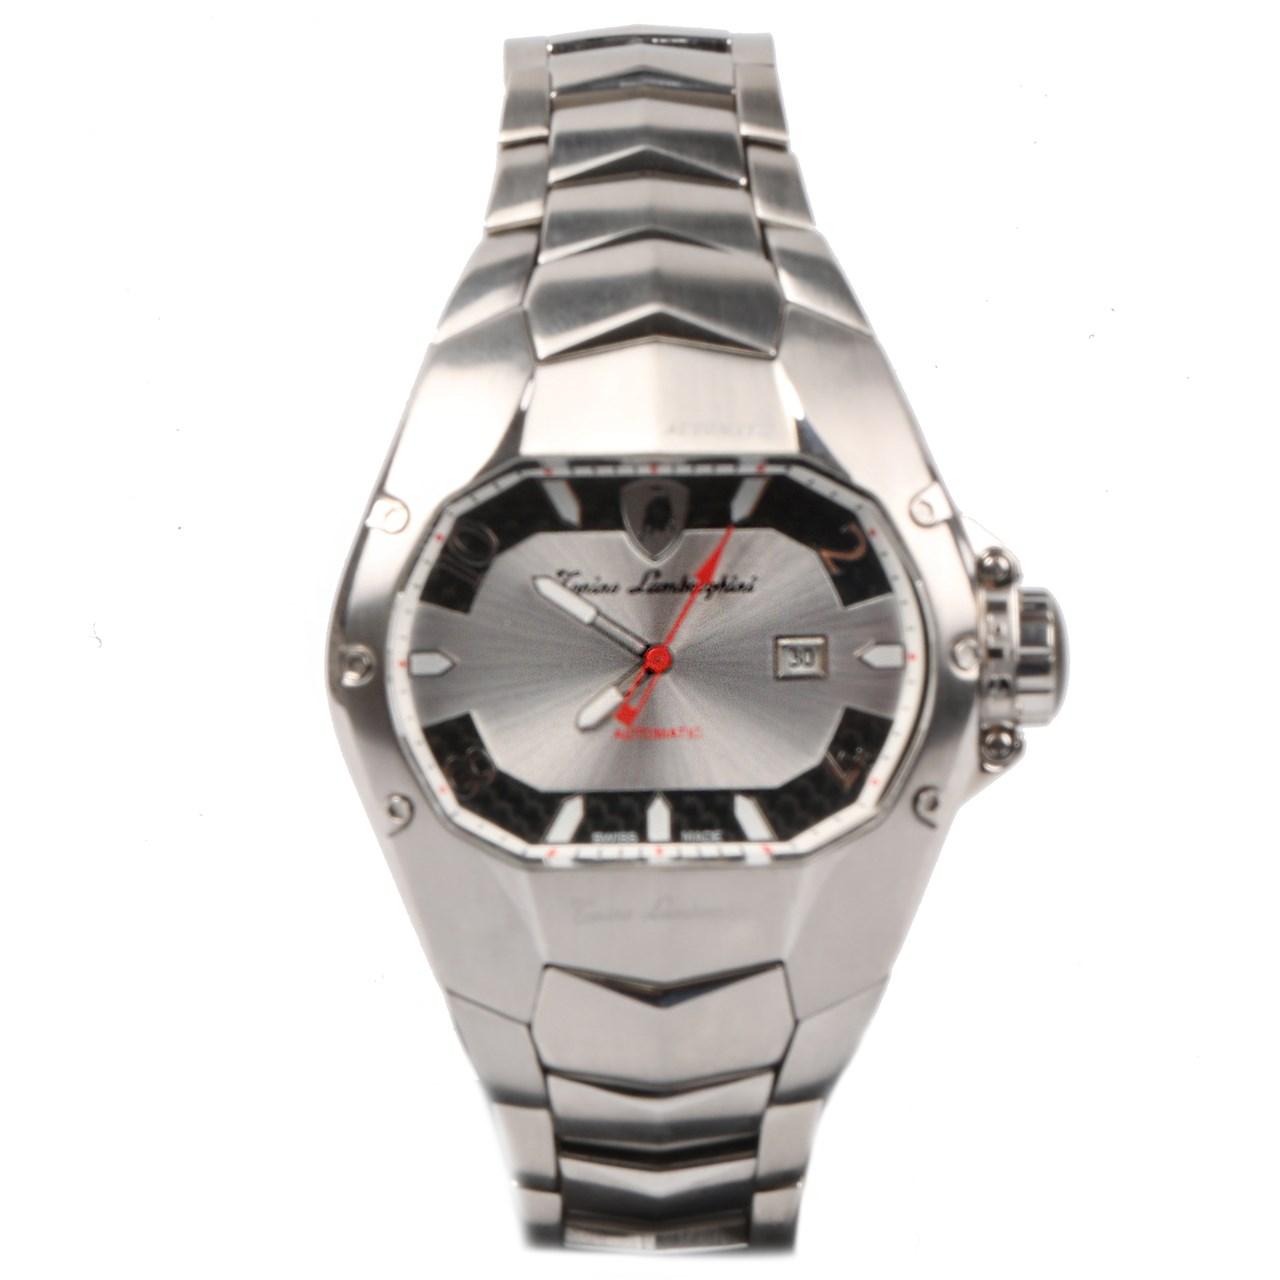 ساعت مچی عقربه ای مردانه تونینو لامبورگینی مدل TL-GT1 930 S 17